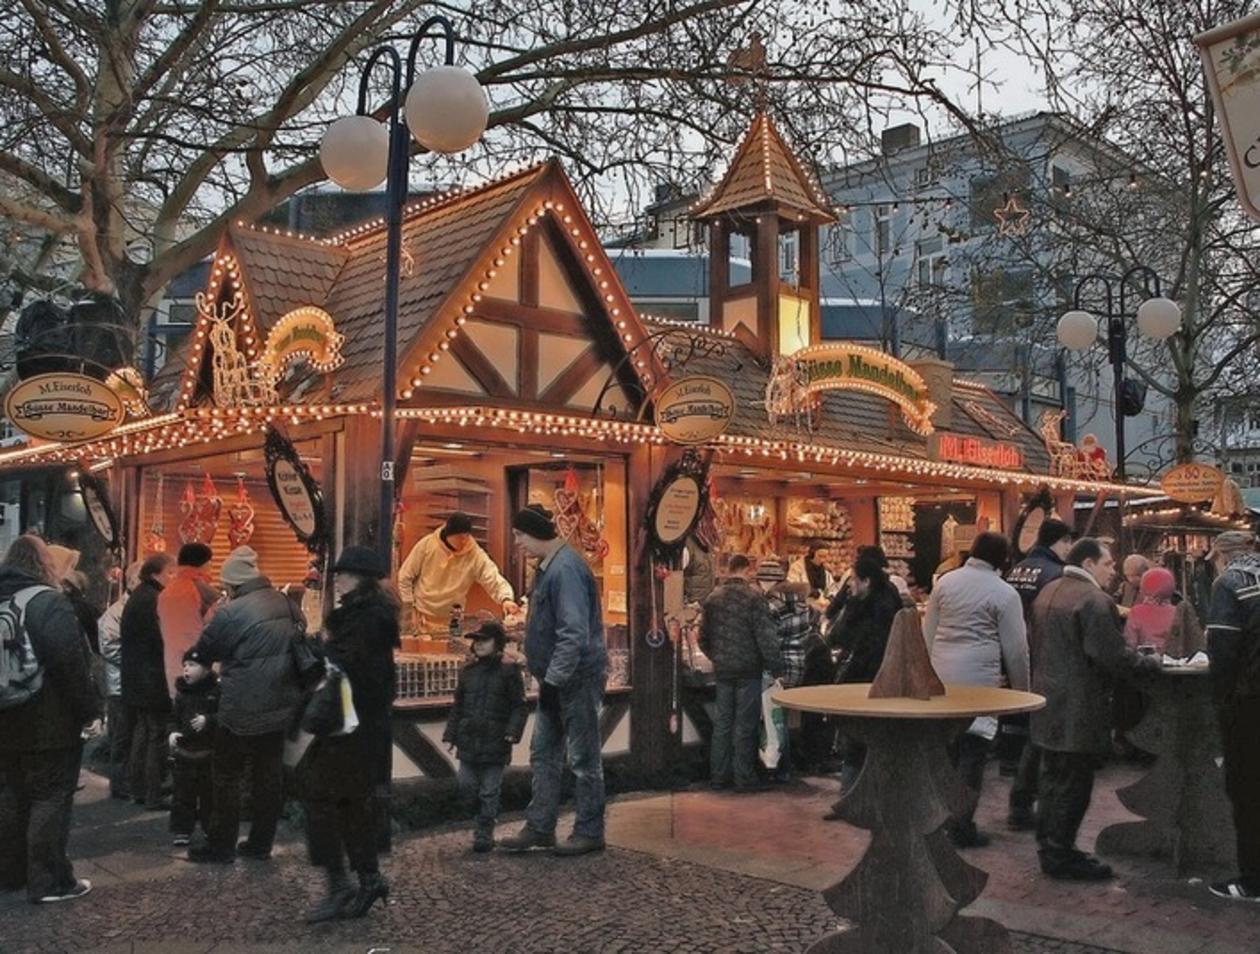 Offenbach Weihnachtsmarkt.Händler Auf Weihnachtsmarkt Zur Halbzeit Ganz Zufrieden